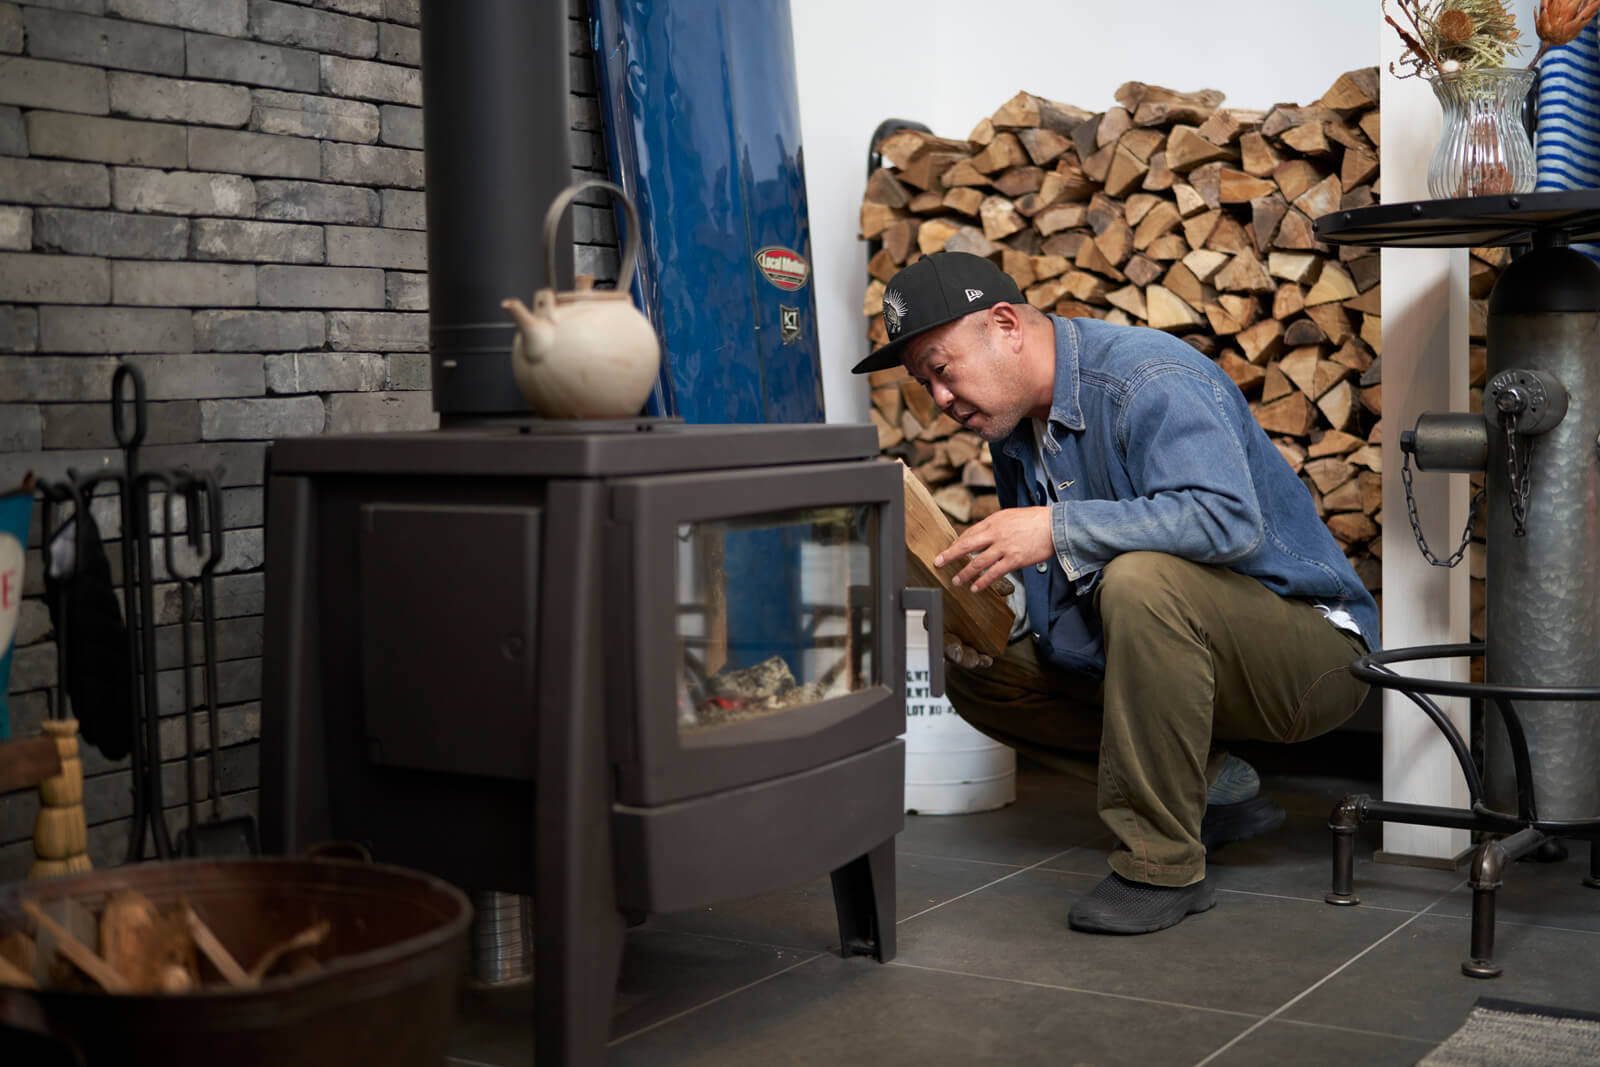 Sさんは薪をくべながら「窓が大きくて炎がよく見えるのがお気に入りです」と満足そう